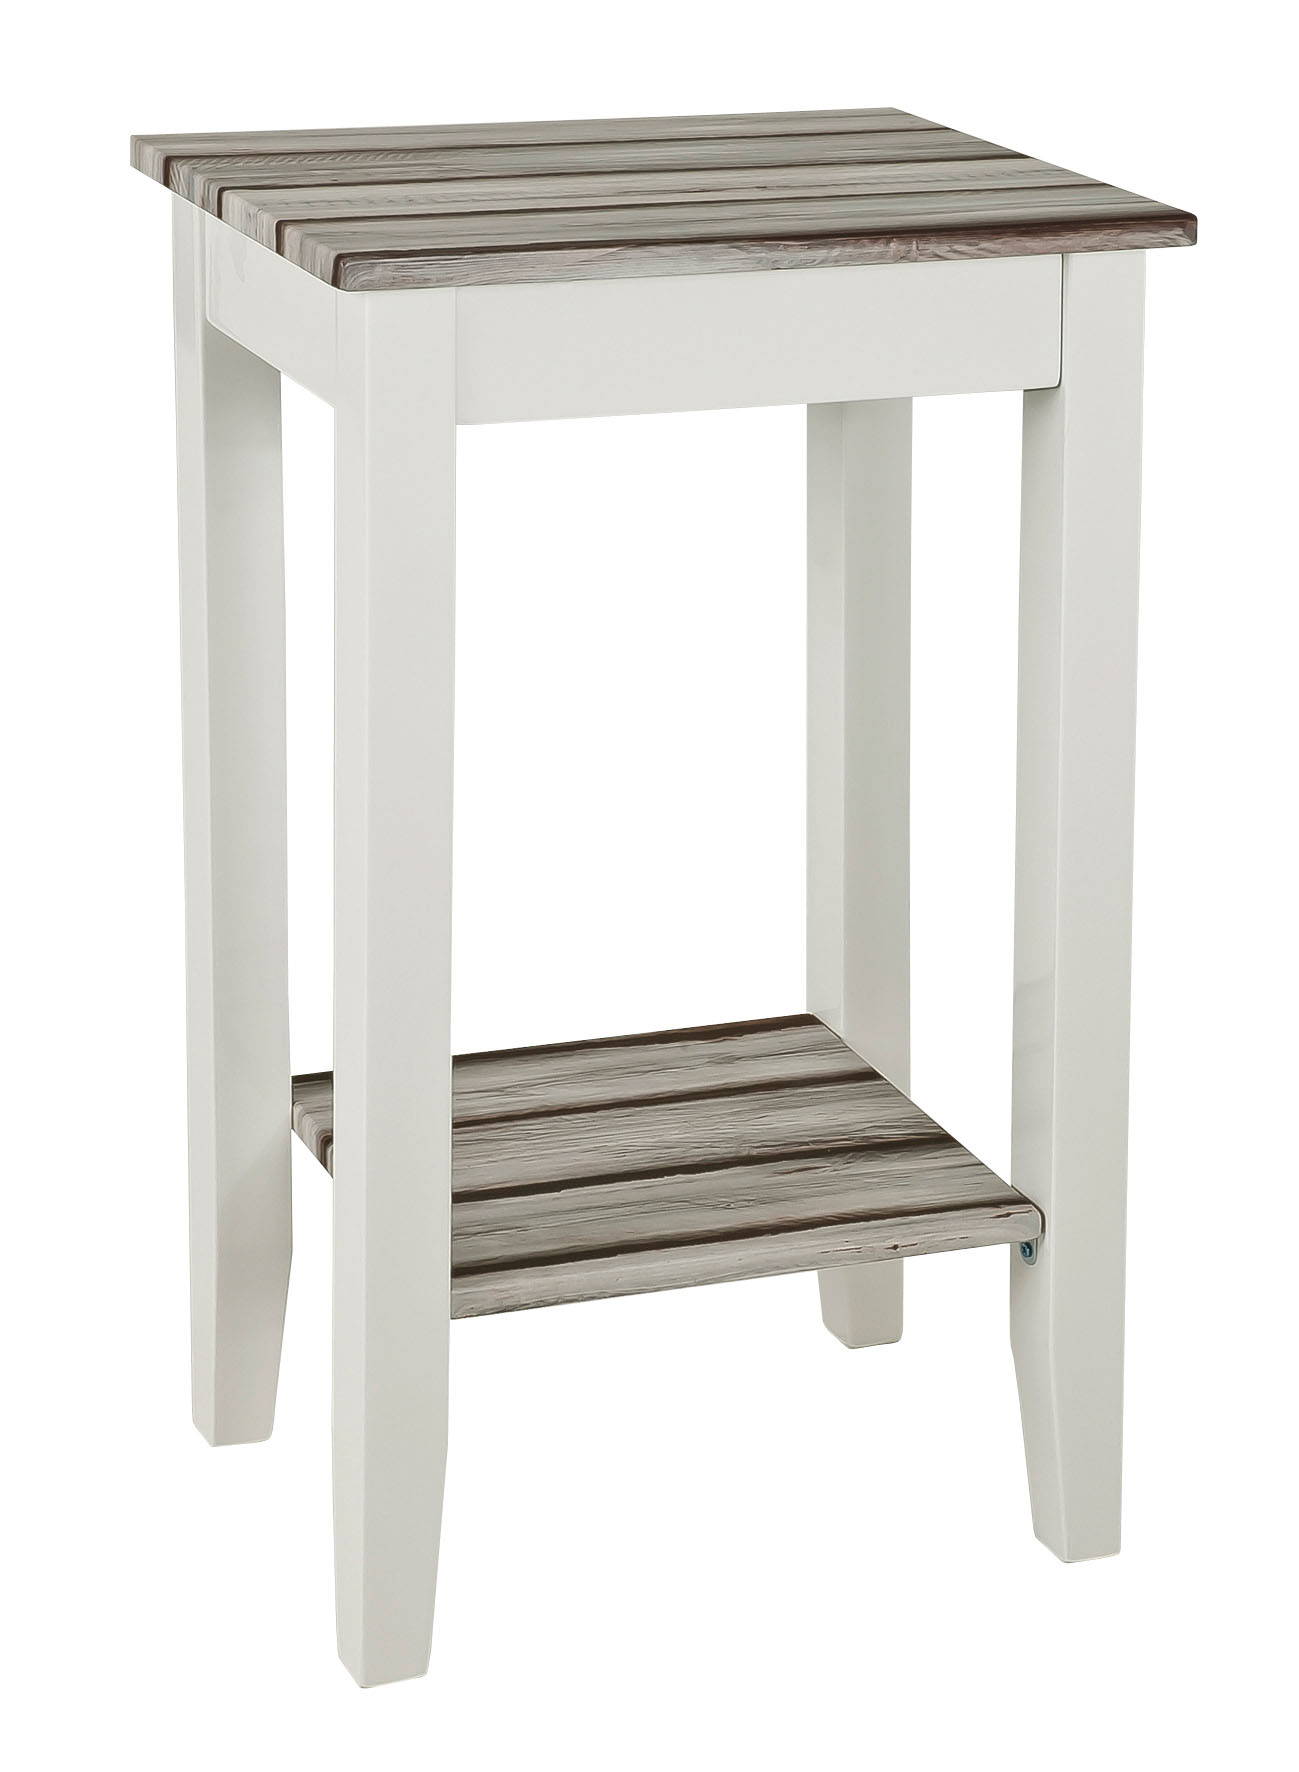 beistelltisch konsole tisch blumentisch mod t147 weiss hochglanz maritimo kiefer ebay. Black Bedroom Furniture Sets. Home Design Ideas